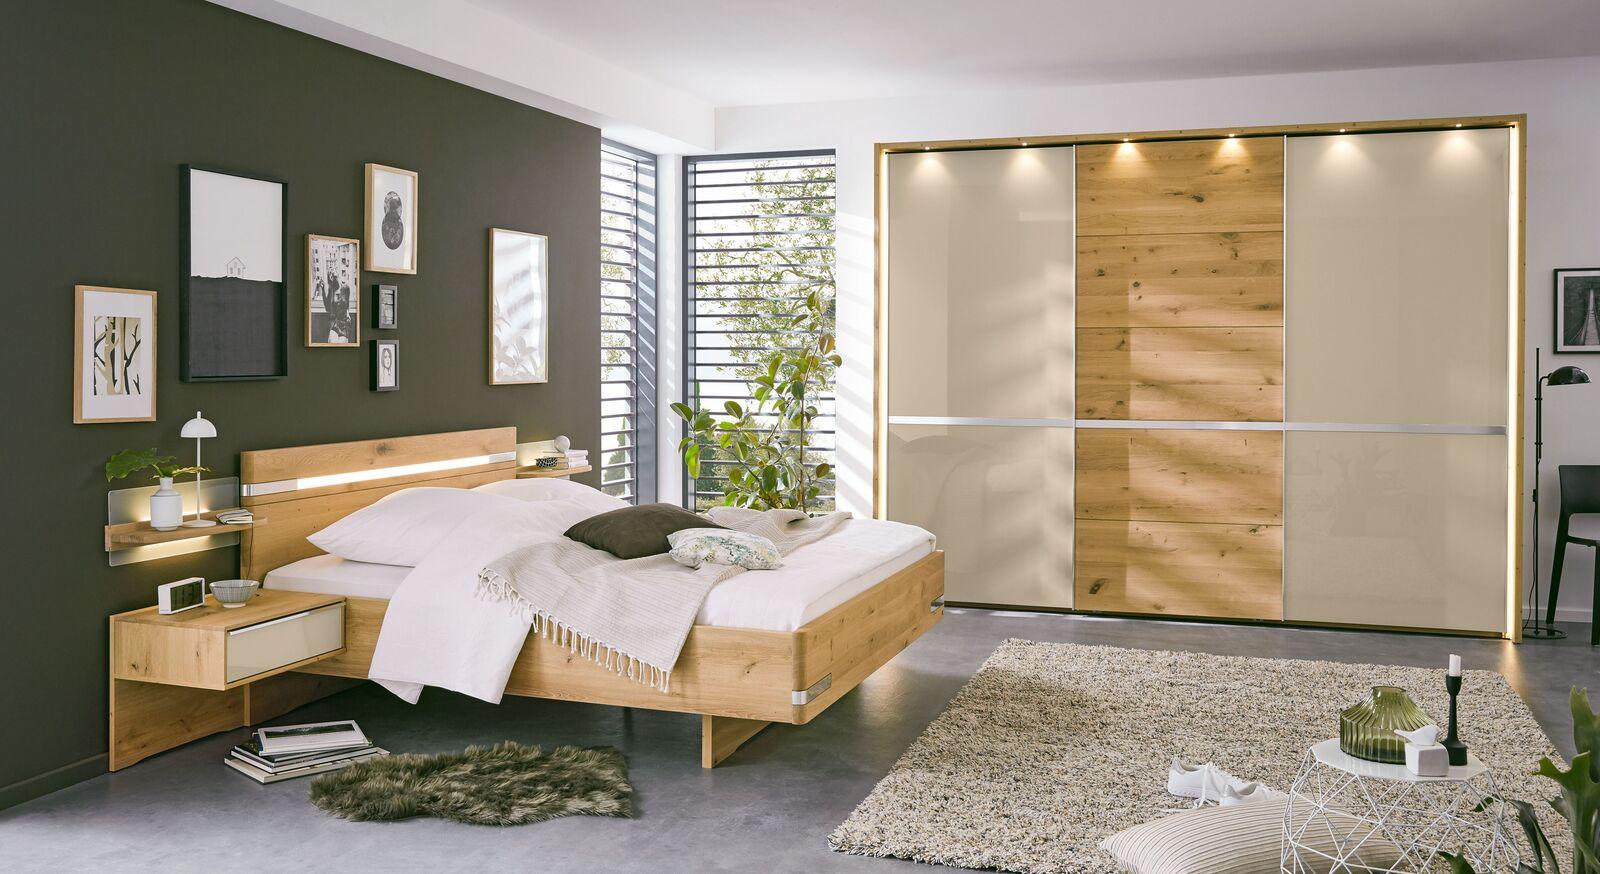 MUSTERRING Schlafzimmer Savona 2.0 Variante B mit champagnerfarbenen Elementen